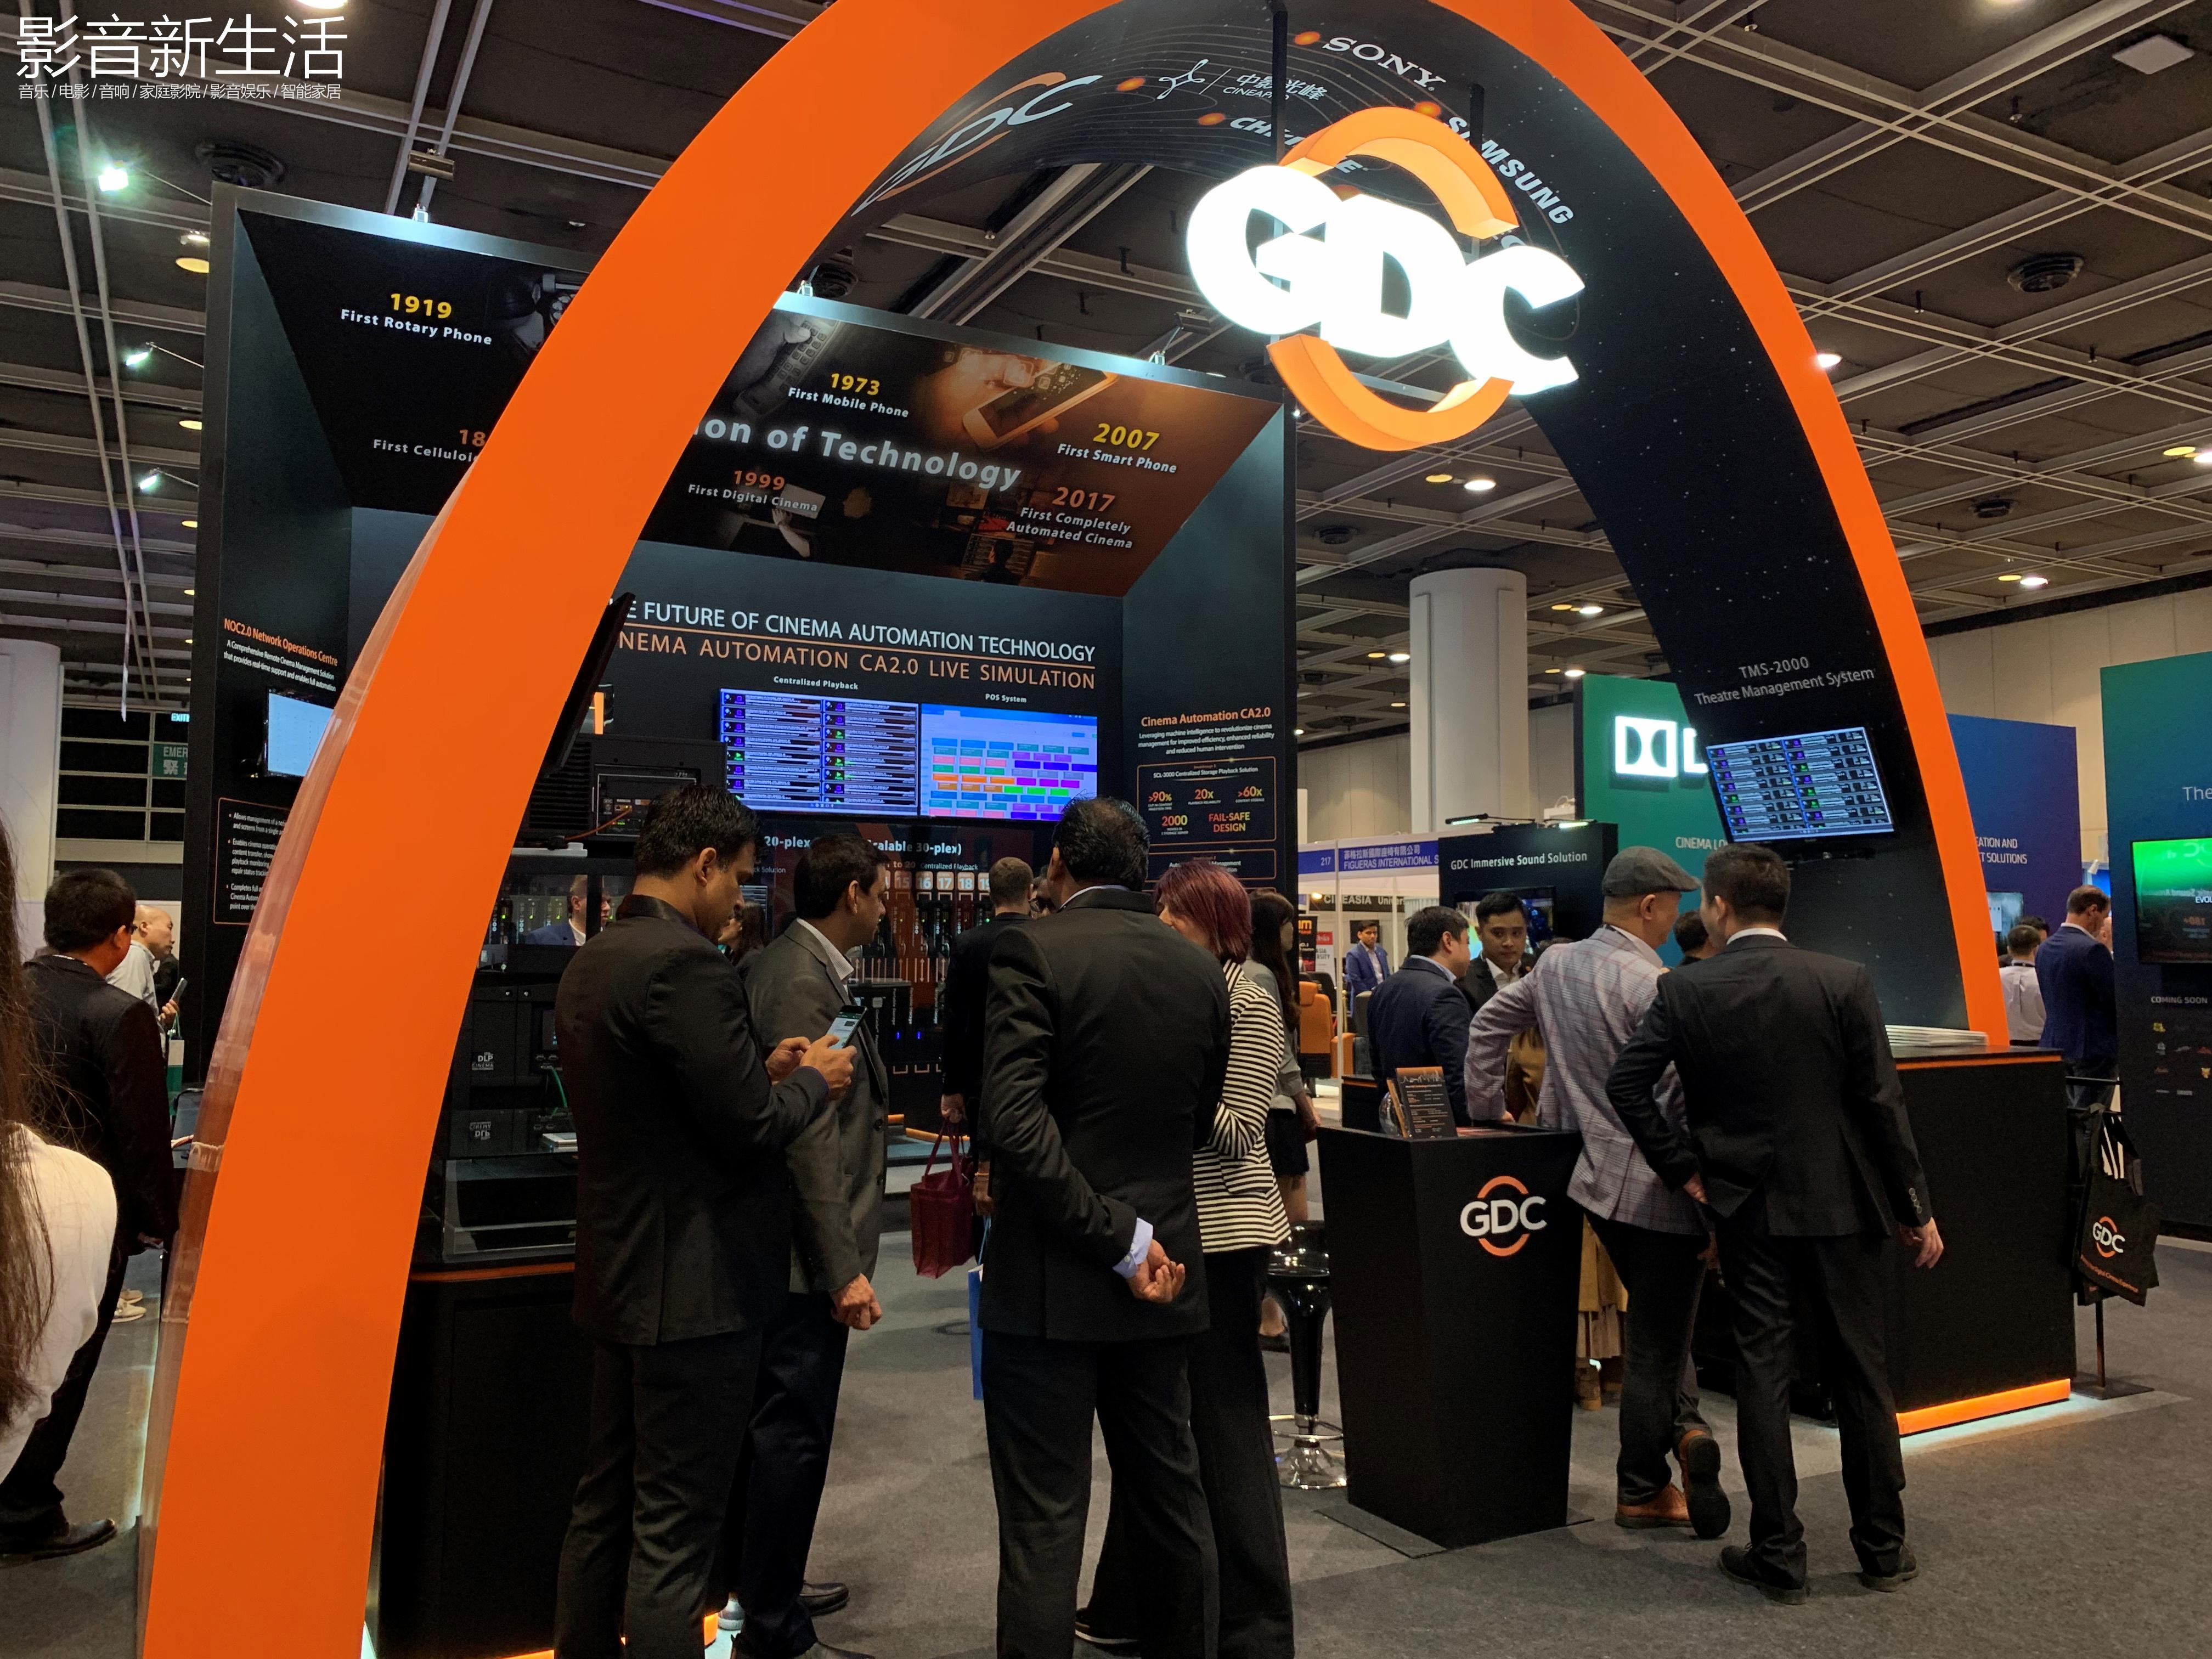 微信图片 20181213121256 2 - 现场丨探索全球电影新趋势,CineAsia 2018亚洲电影博览会正式开幕